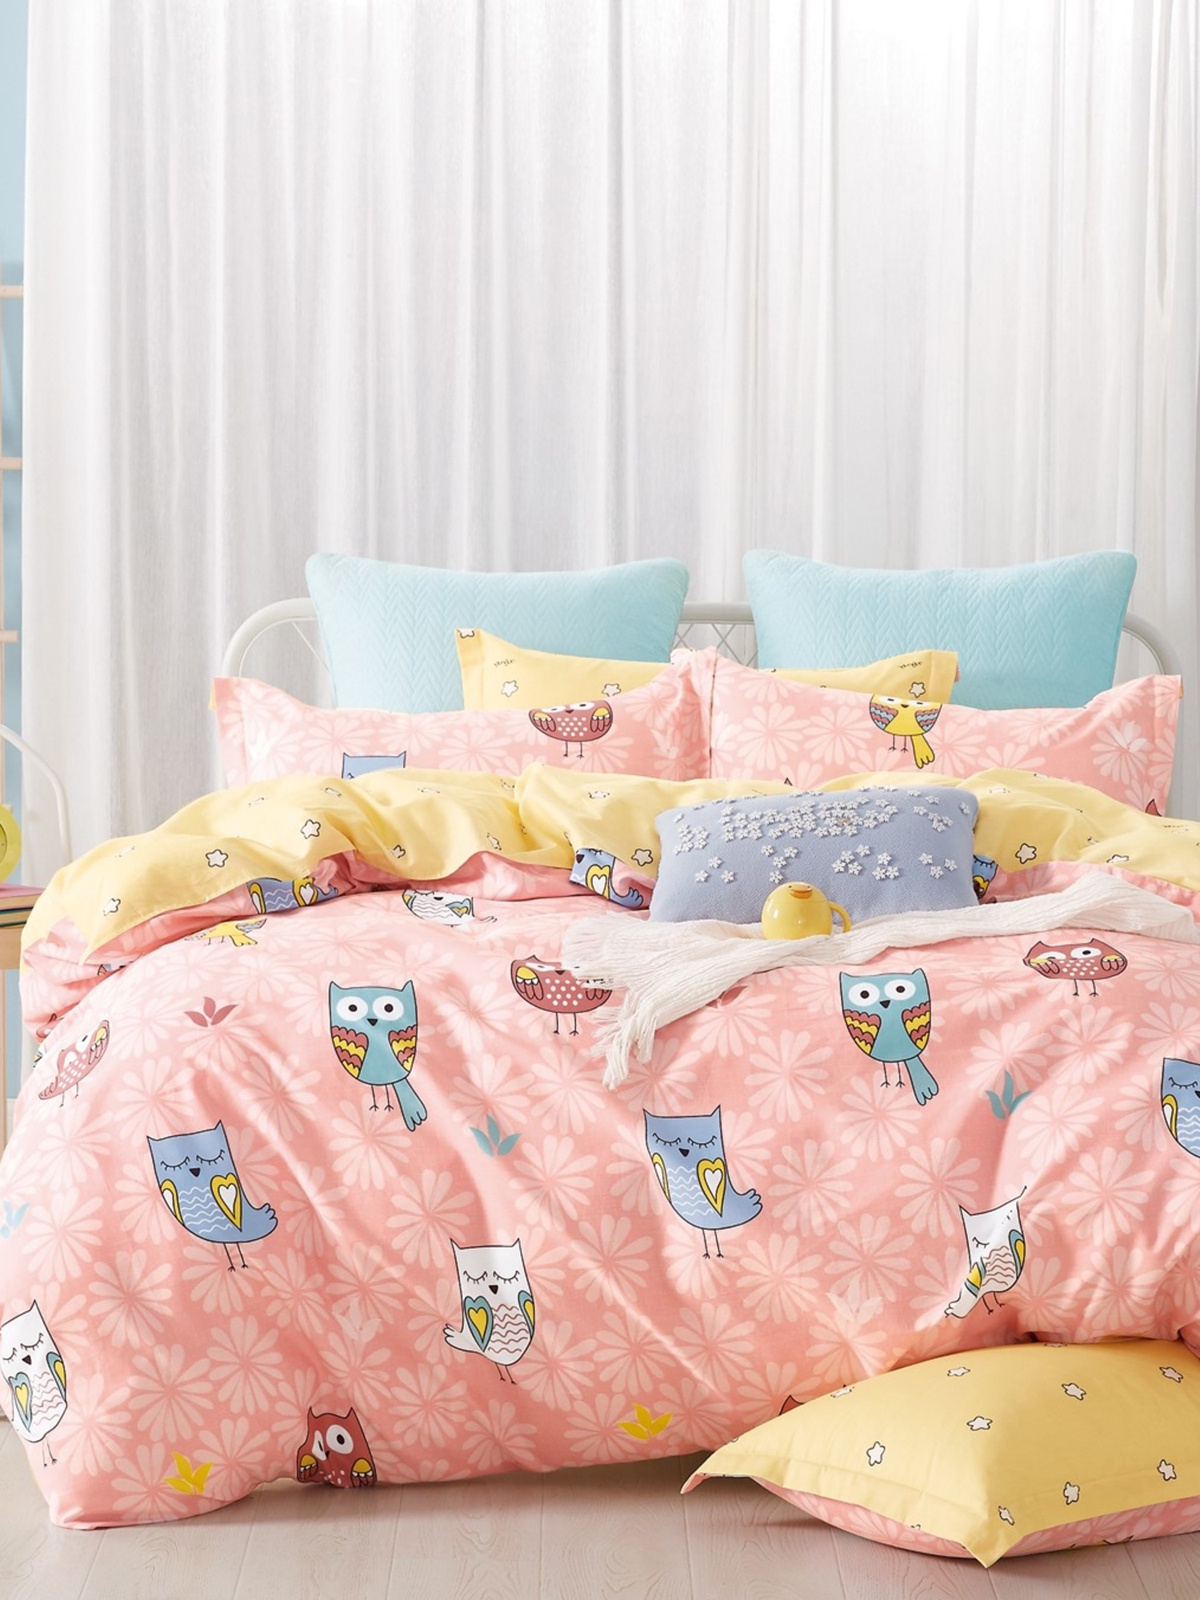 Комплект постельного белья Dream Time BLK-46-SP-430-1C постельное белье dream time blk 46 sp 337 1 2c 3 предмета